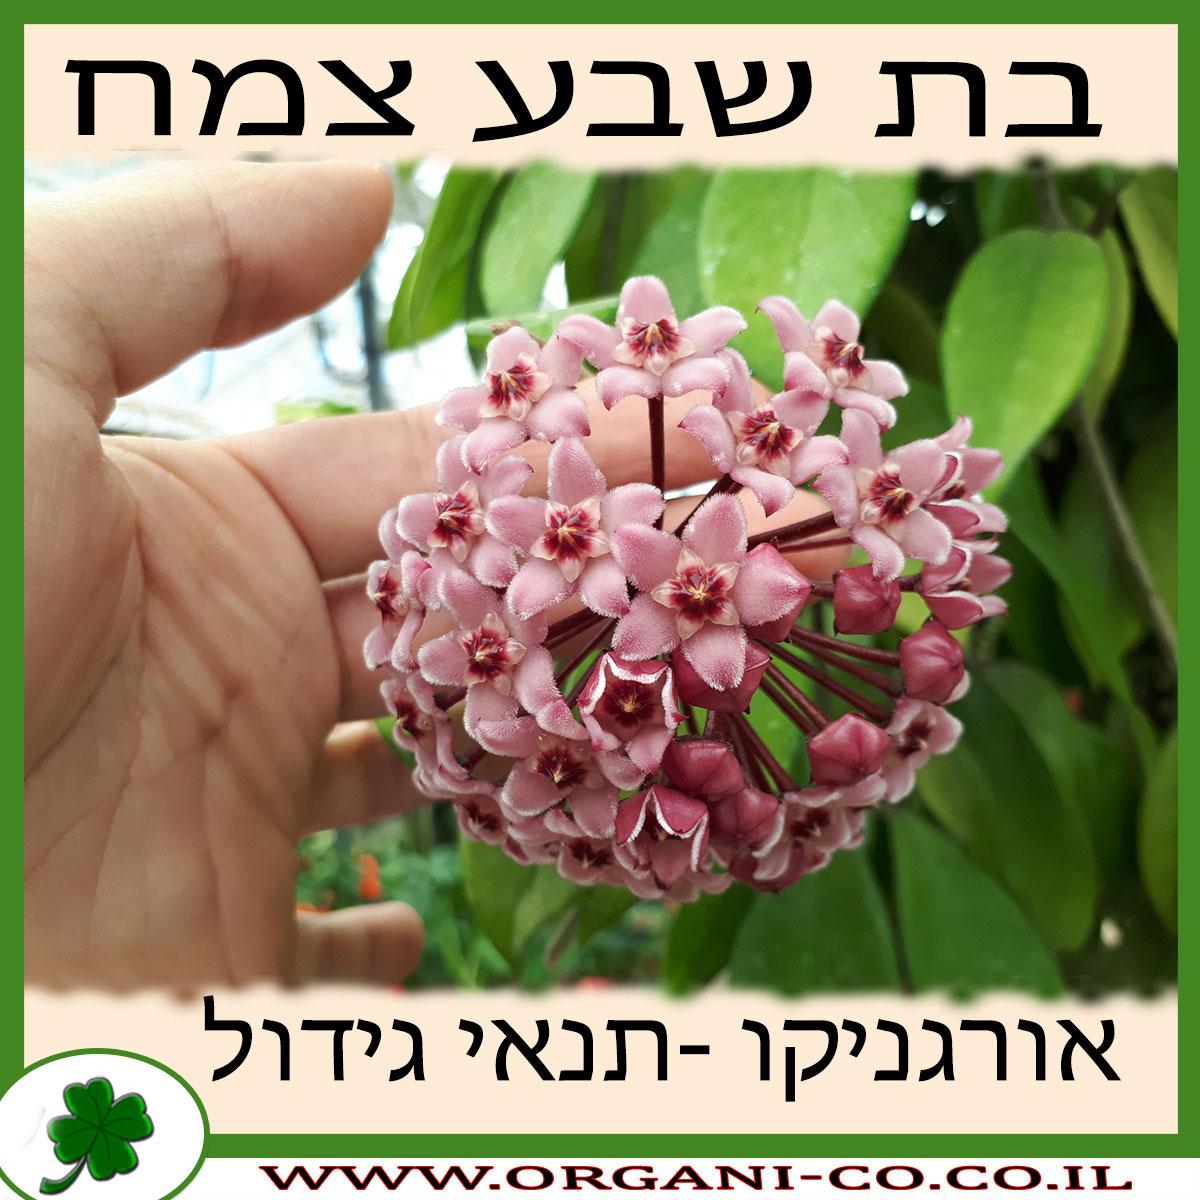 בת שבע צמח גידול צמח